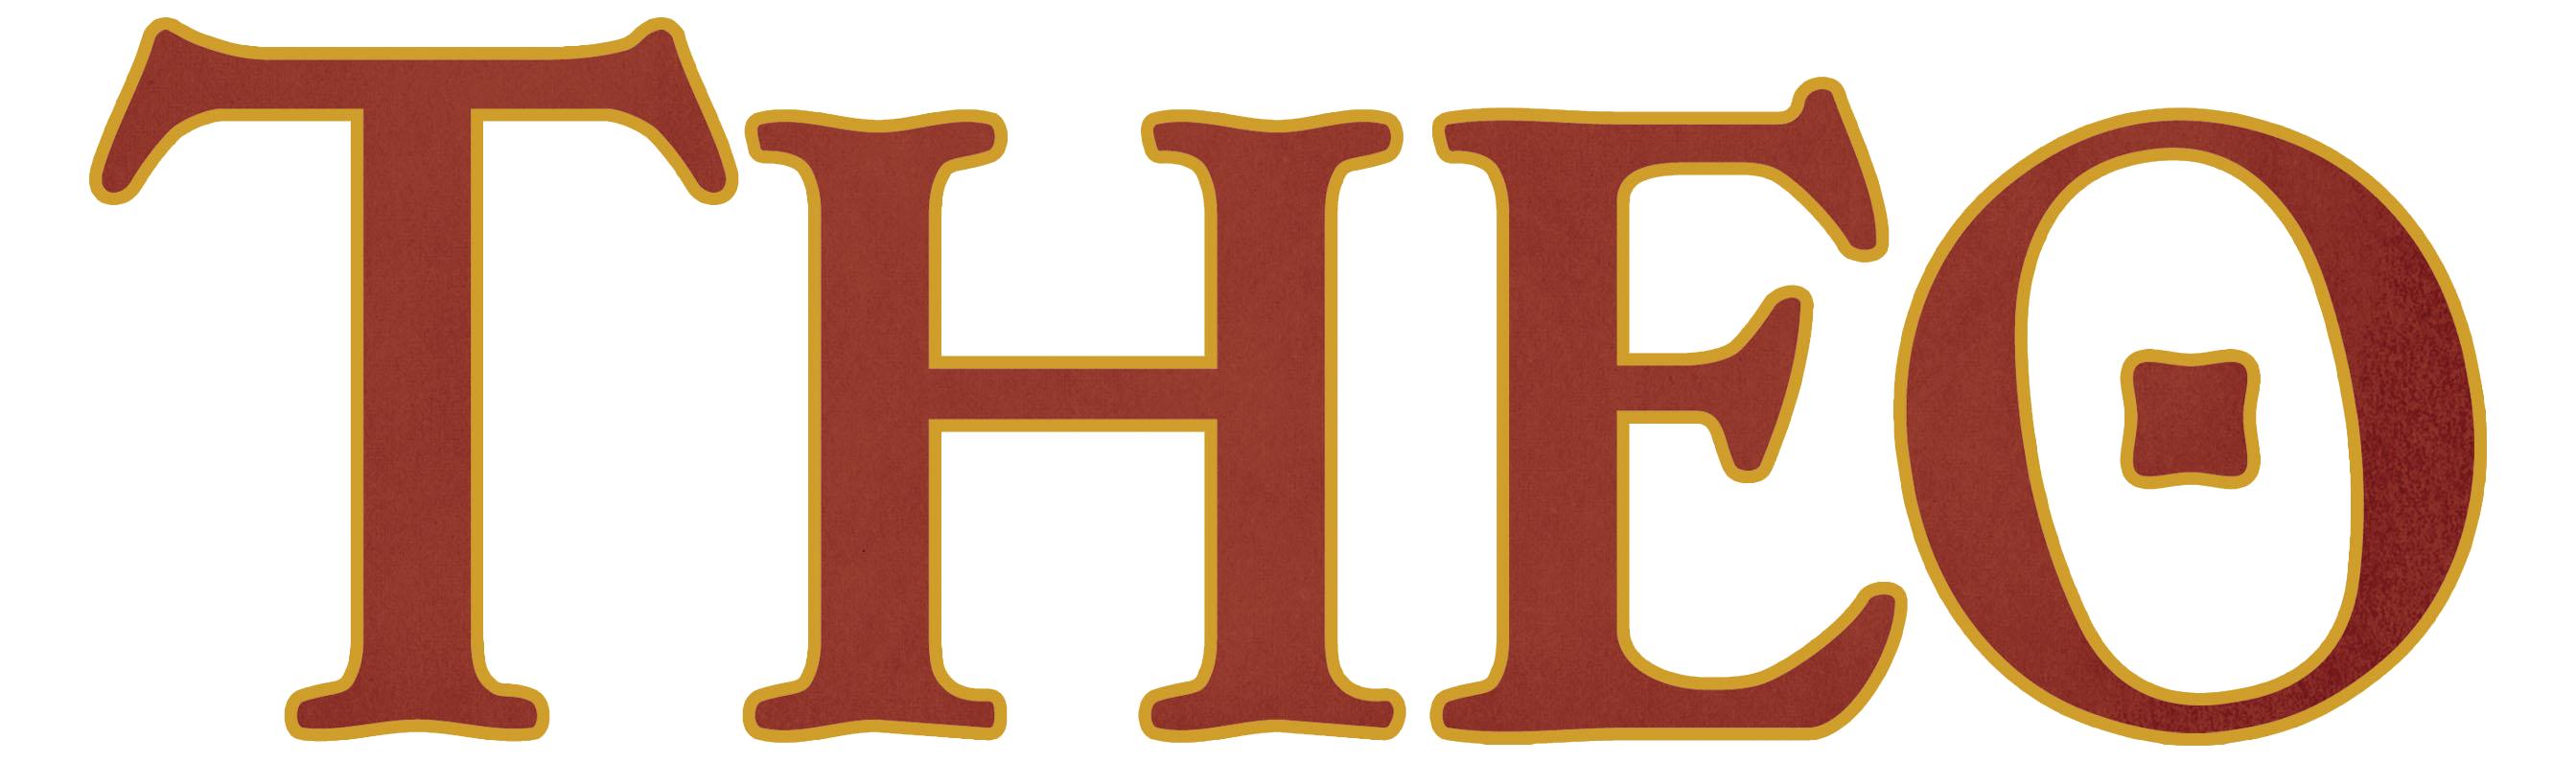 Tp logo png